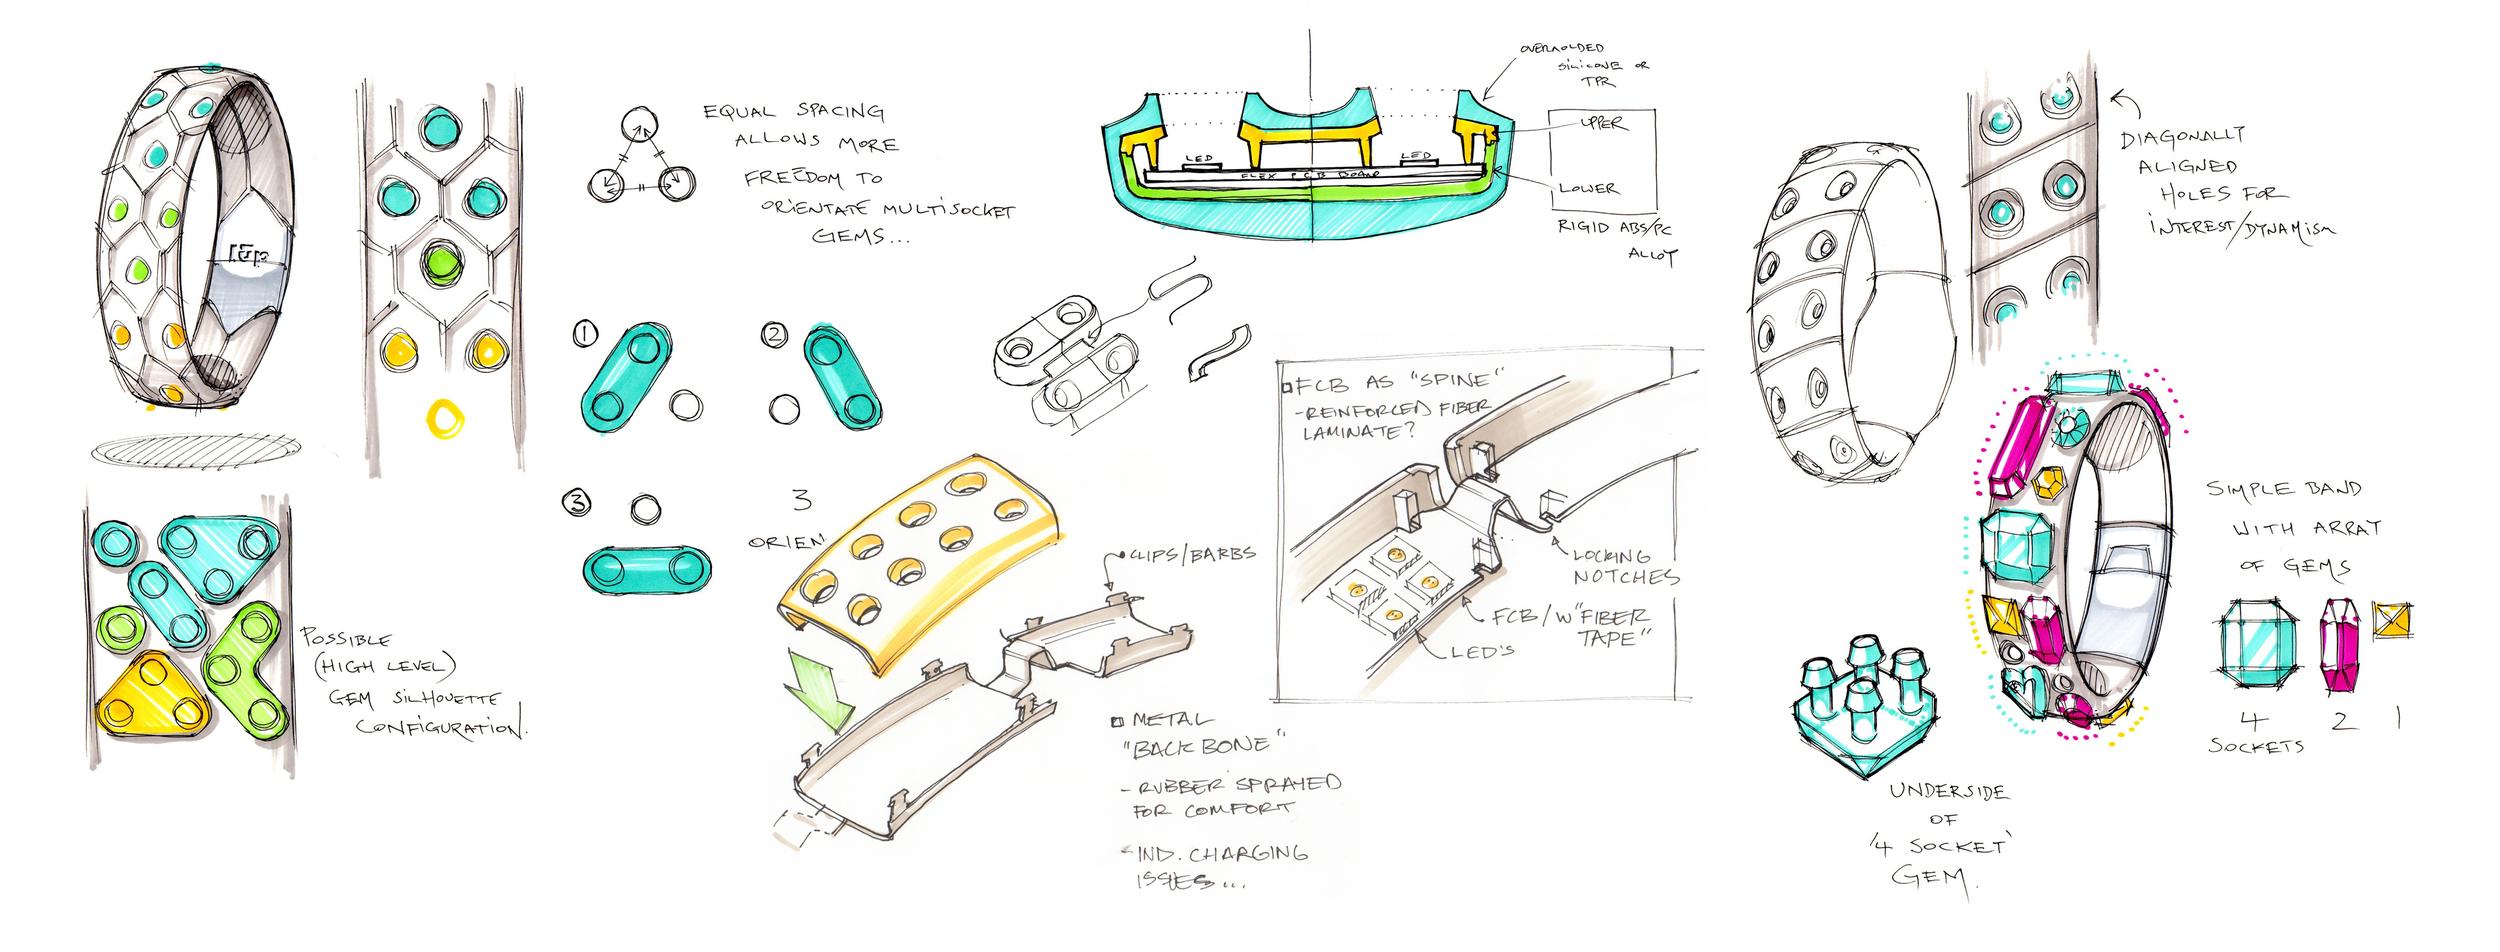 gemio sketches.jpg